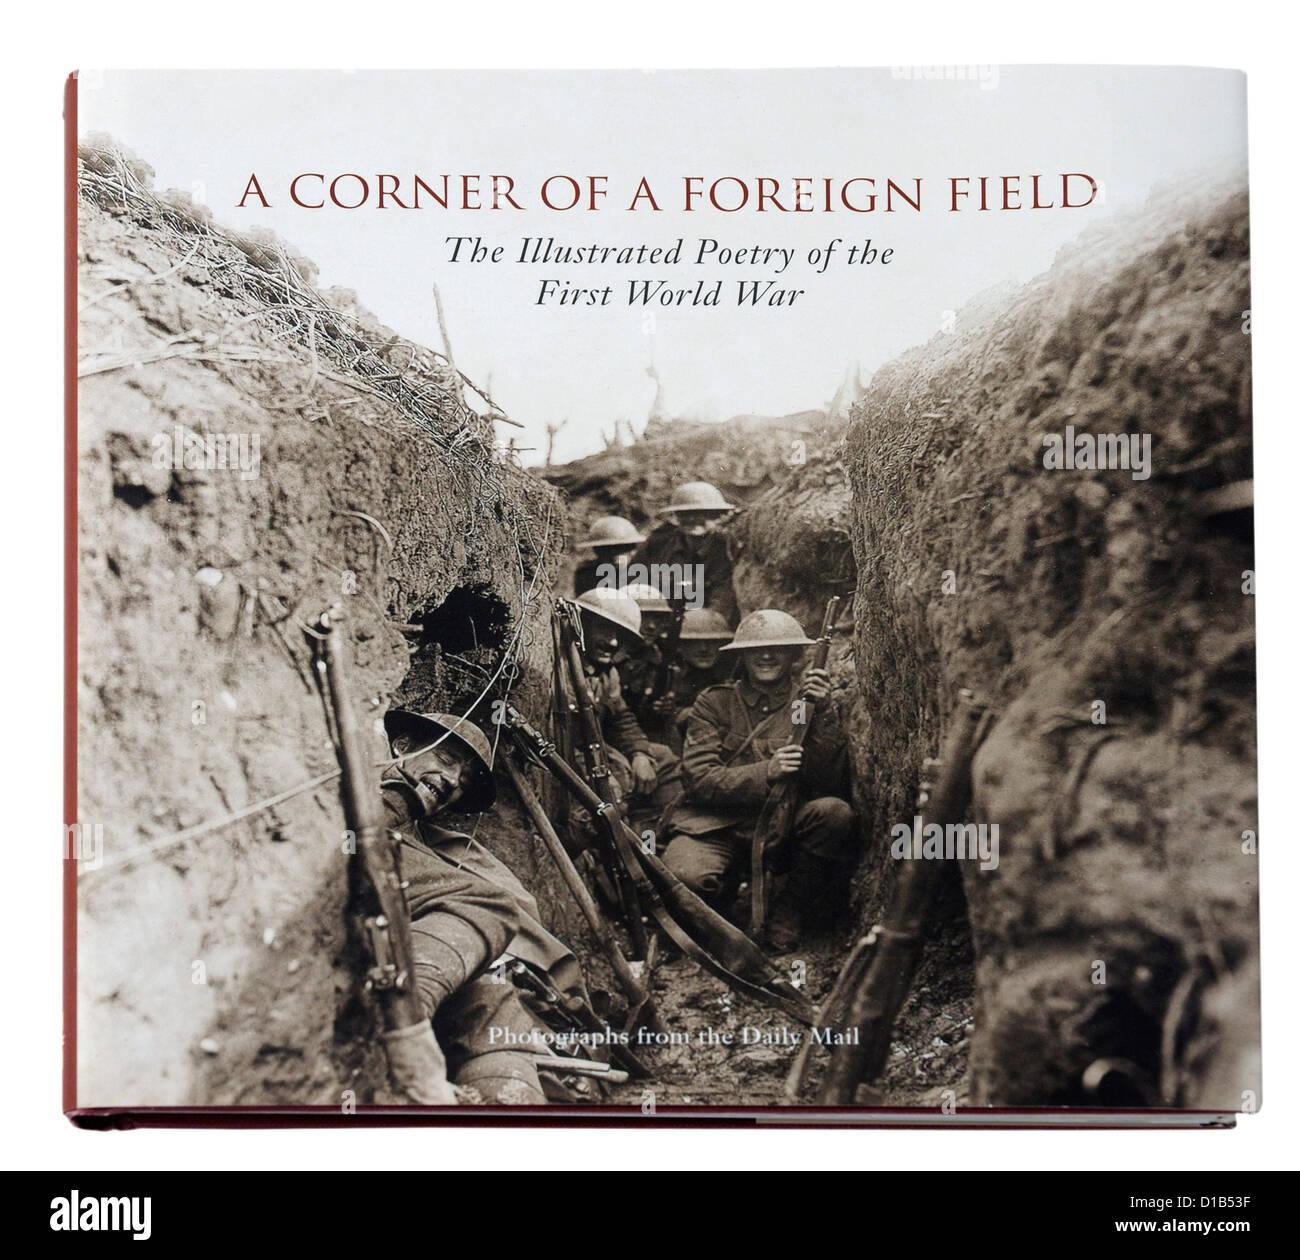 A Corner of a Foreign Field, an anthology of First World War ...